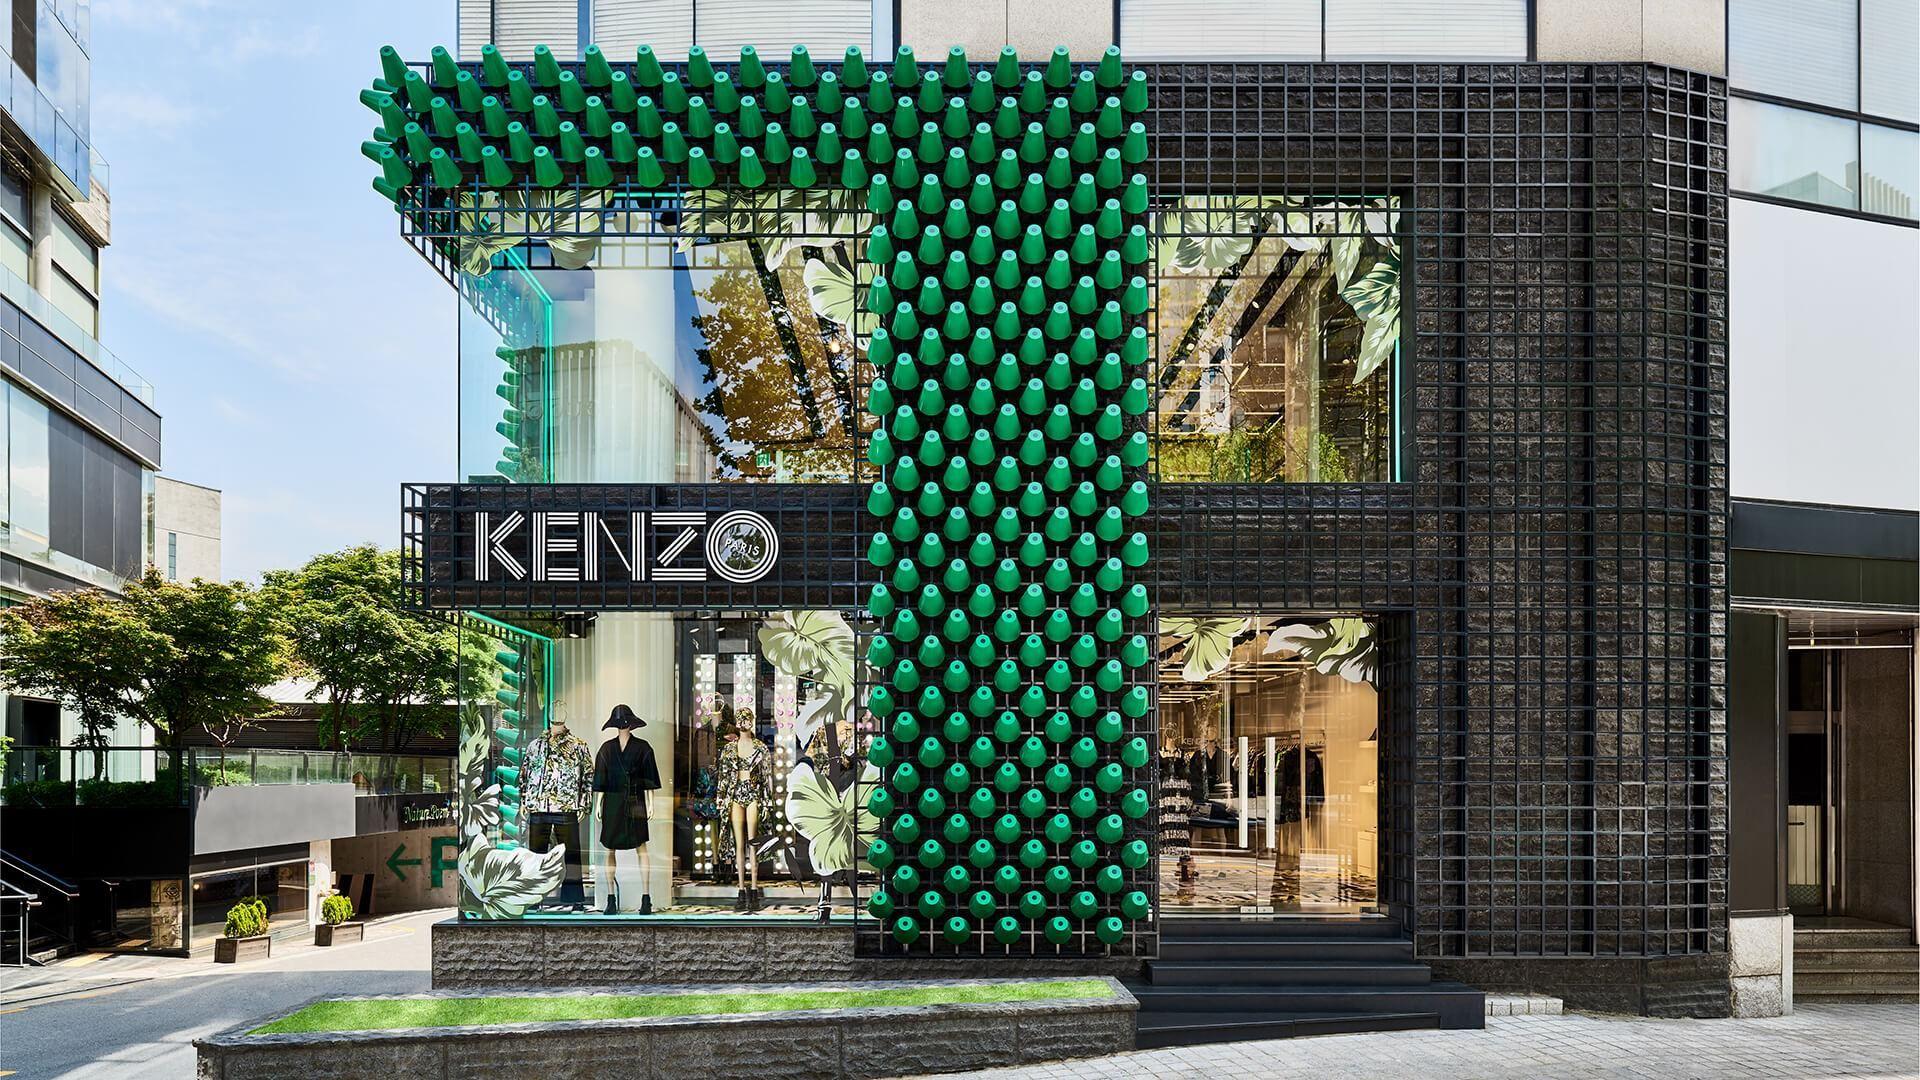 Kenzo Presents A Fashion Forward Facade To Win Over Shoppers In Seoul Facade Retail Facade Facade Design